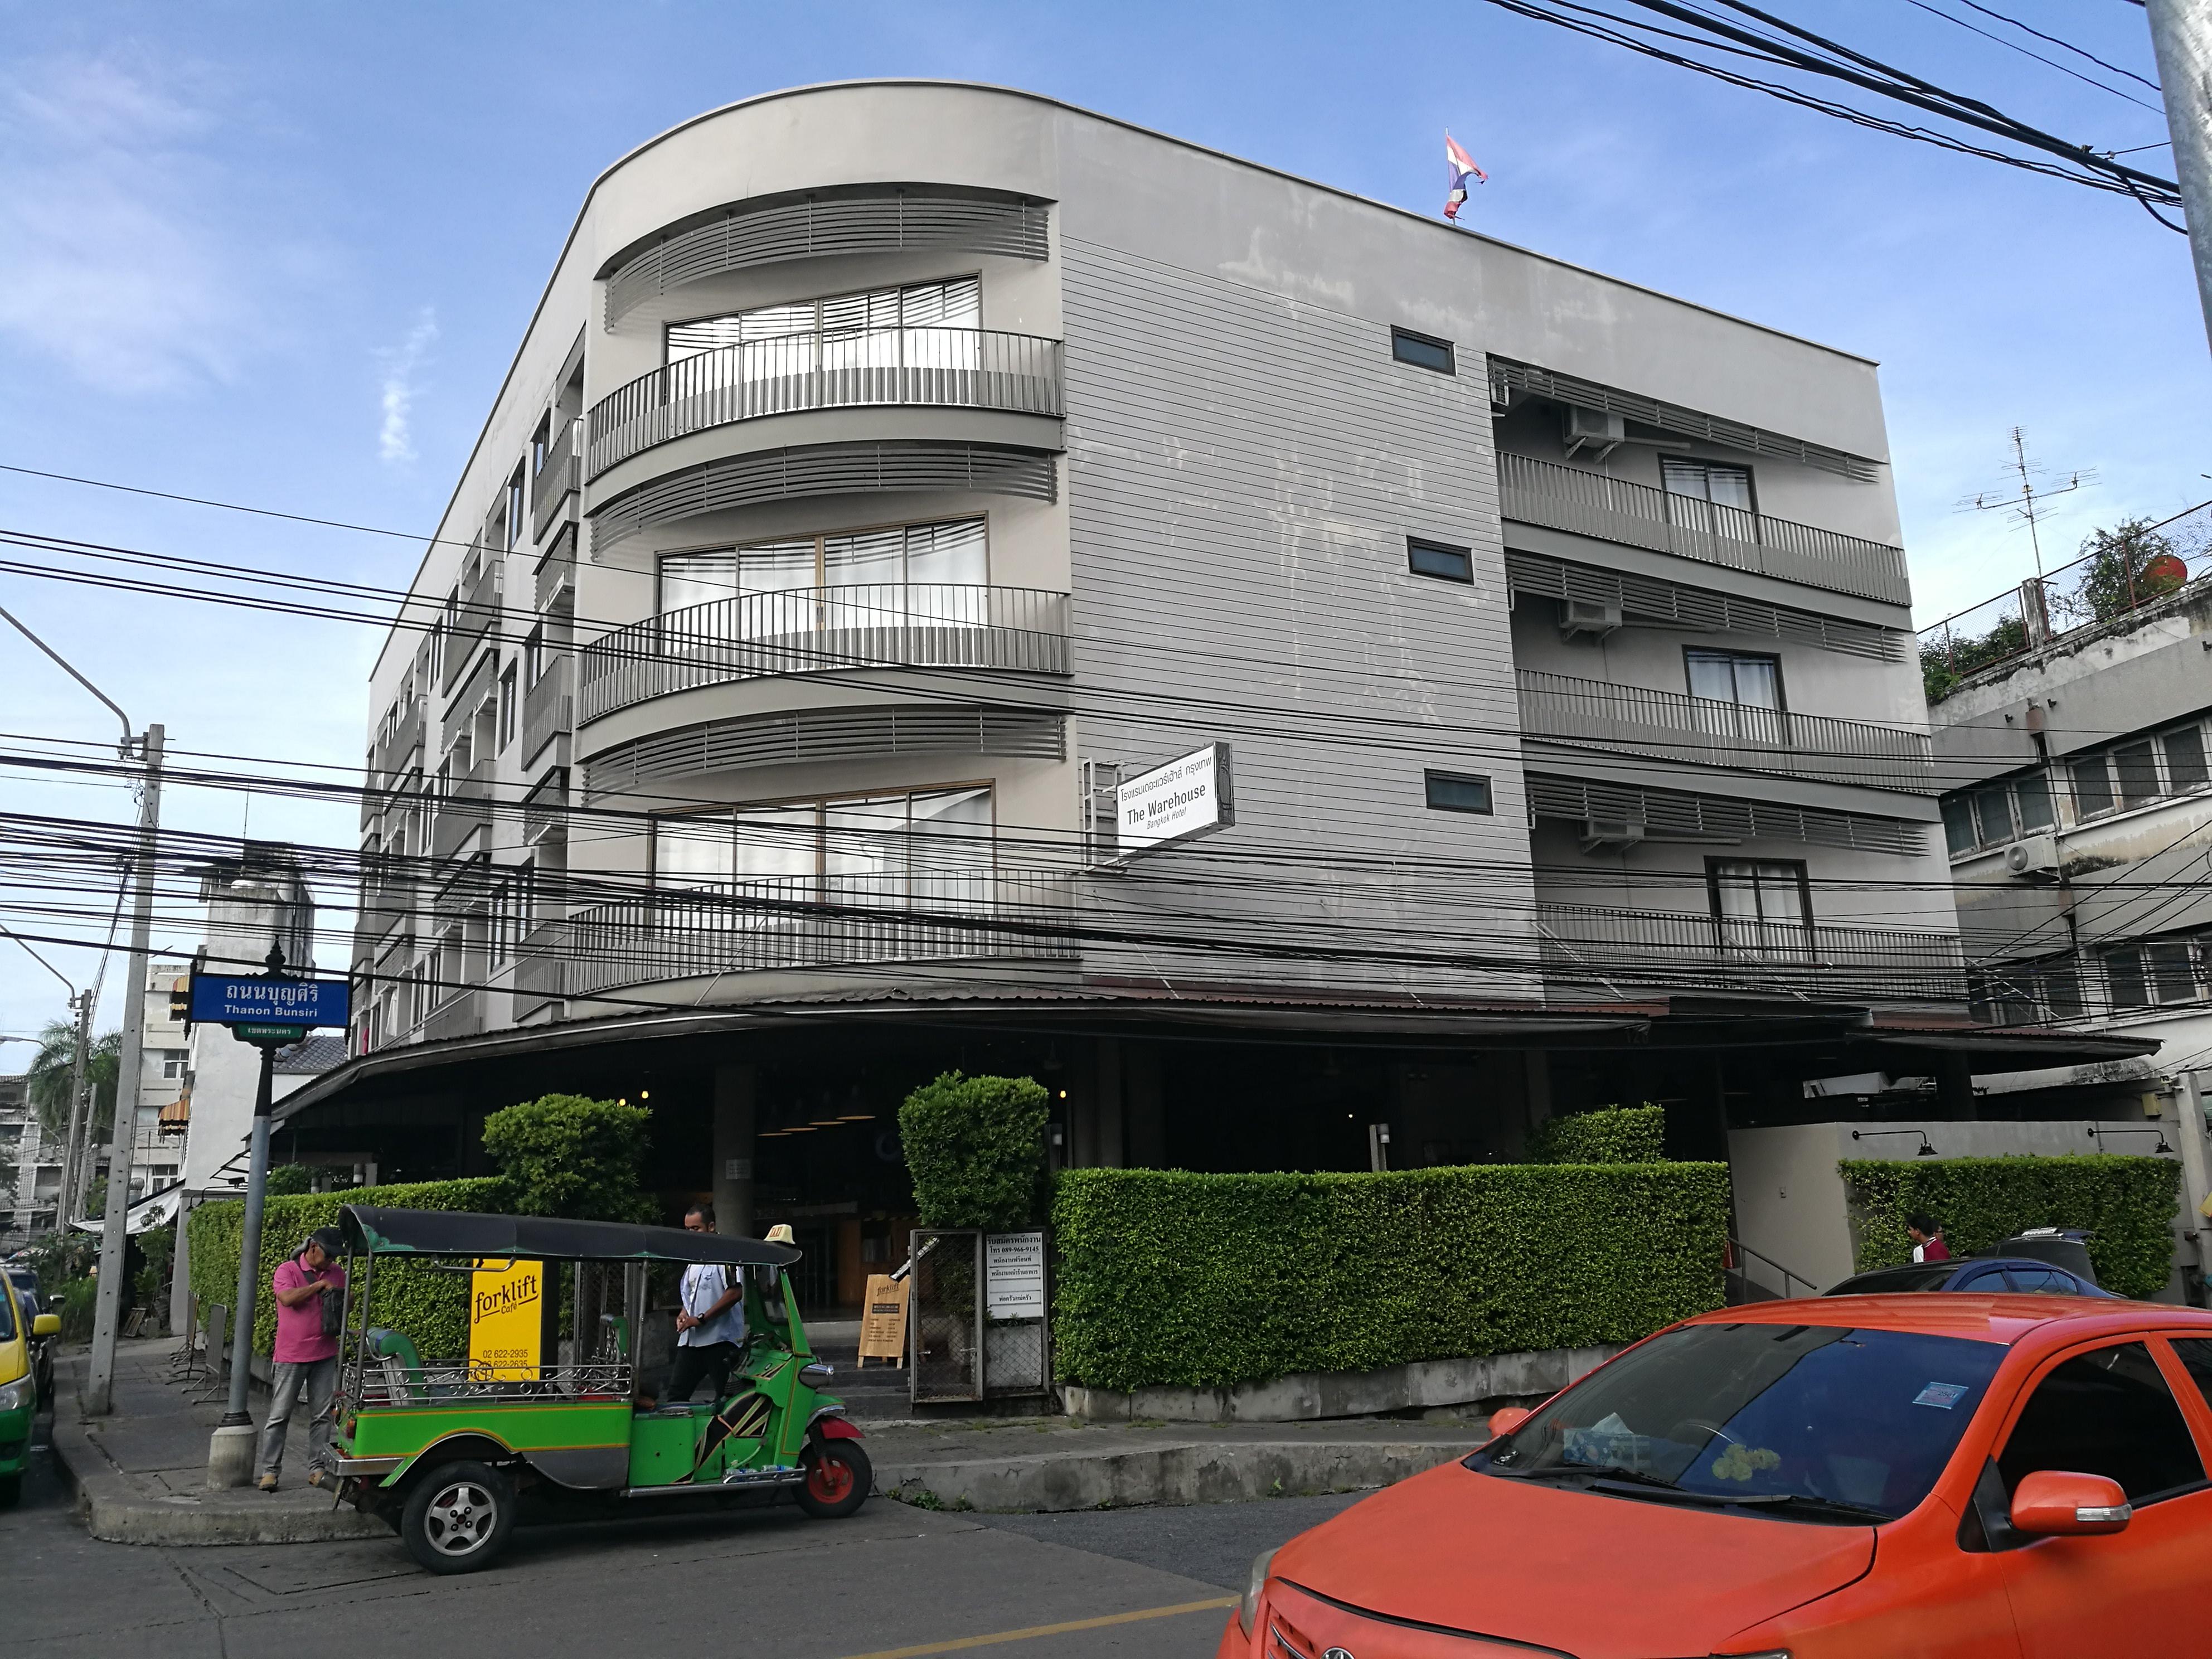 カオサン通りから近くてバンコク観光にオススメのホテル「The Warehouse」